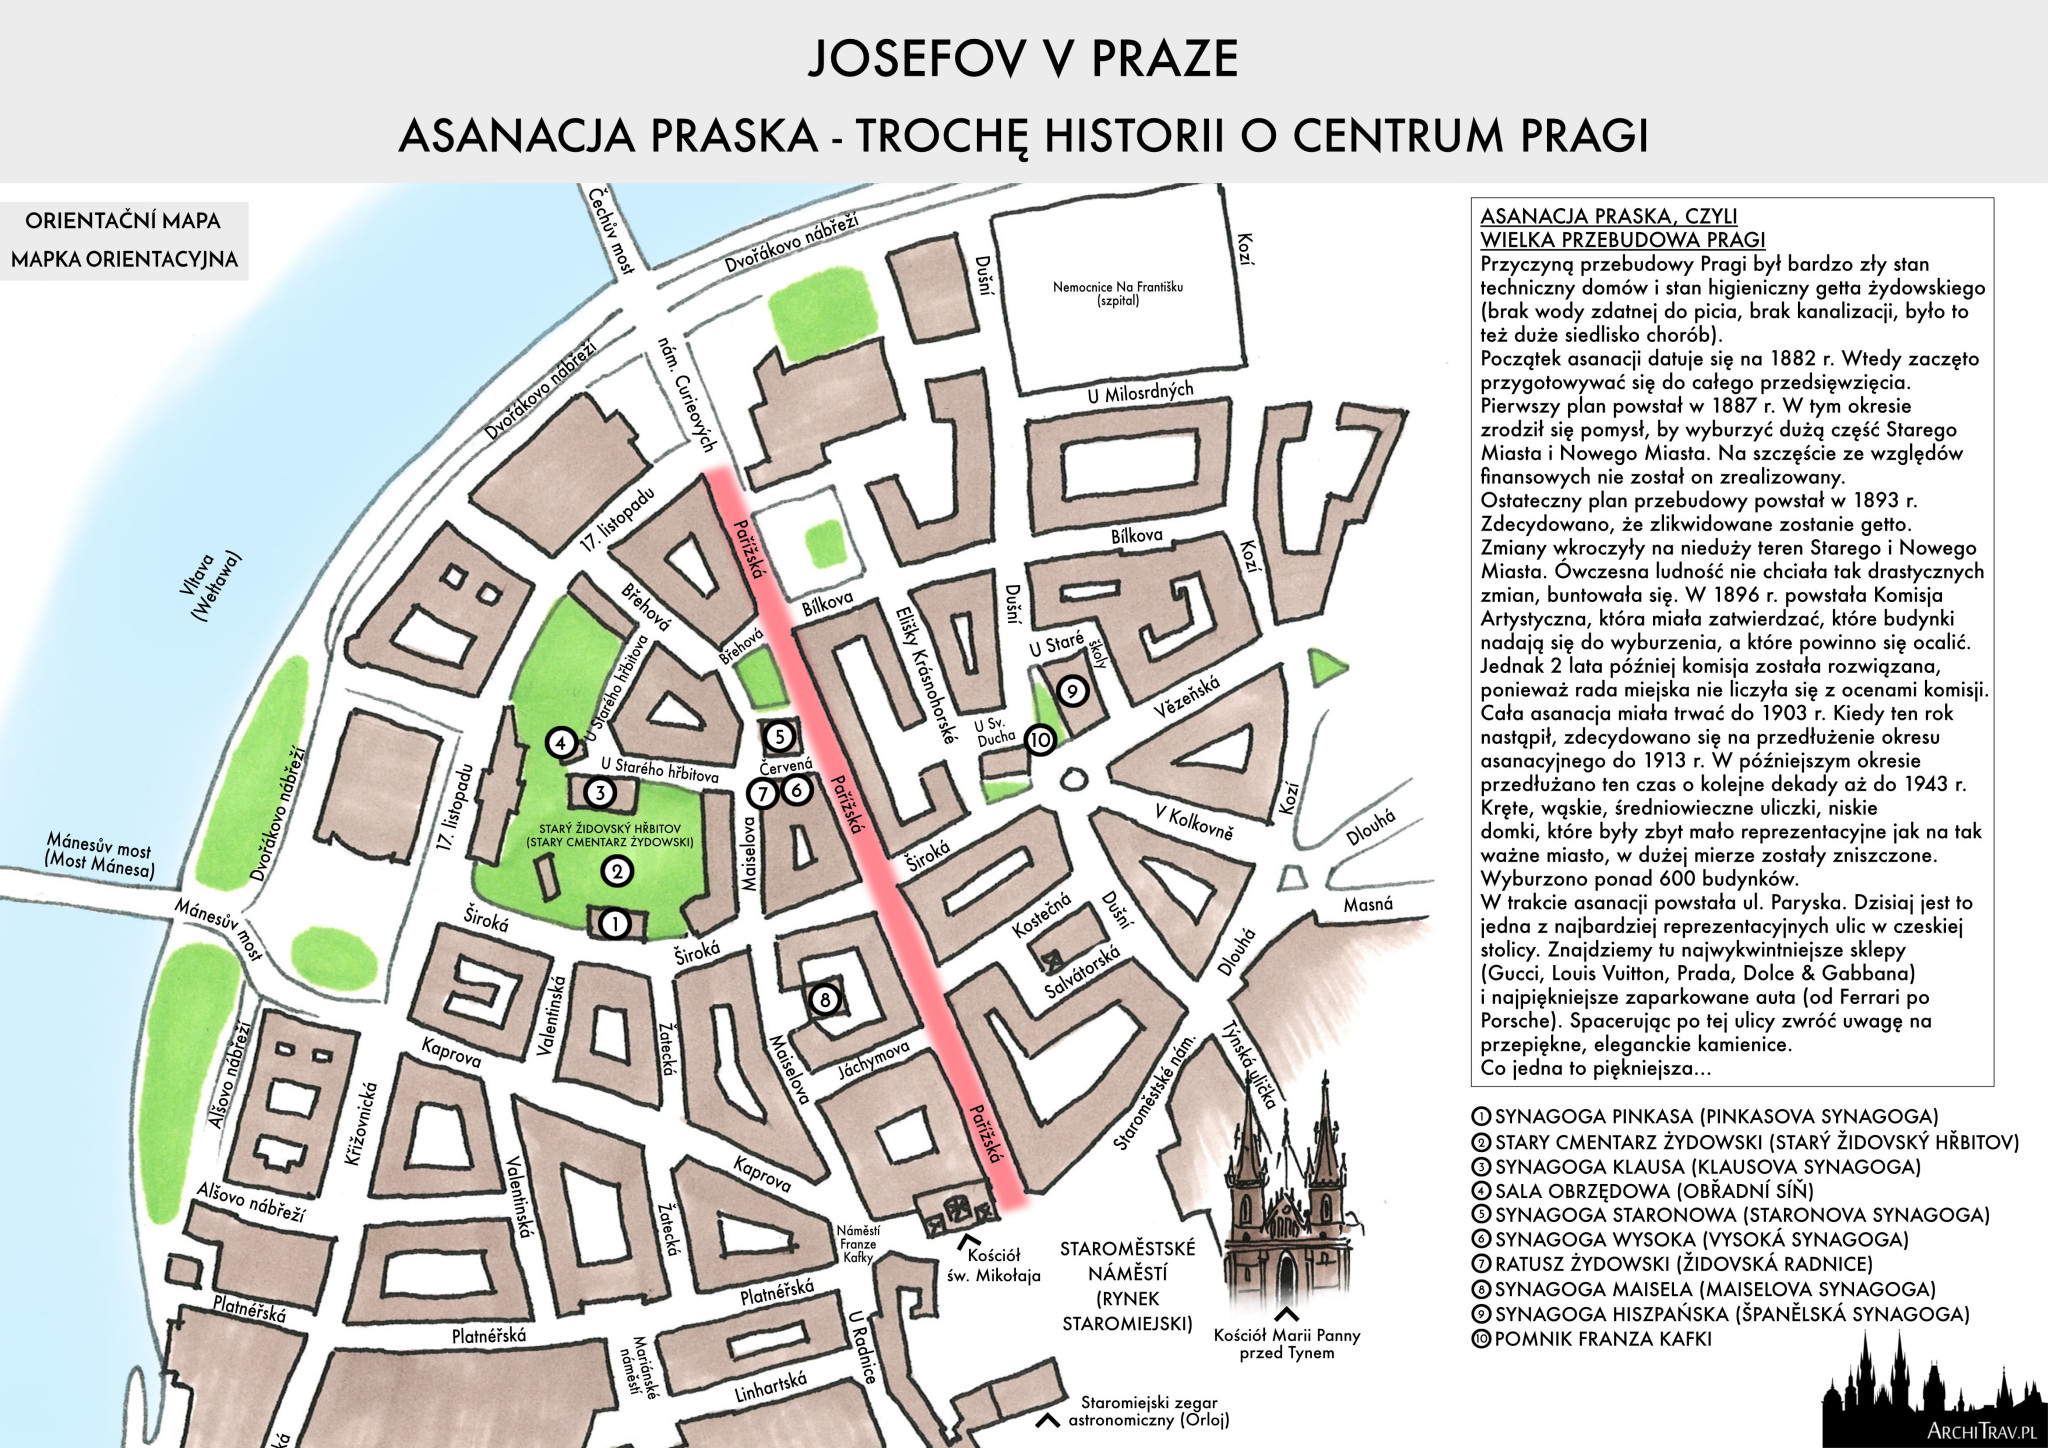 Josefov cz.2